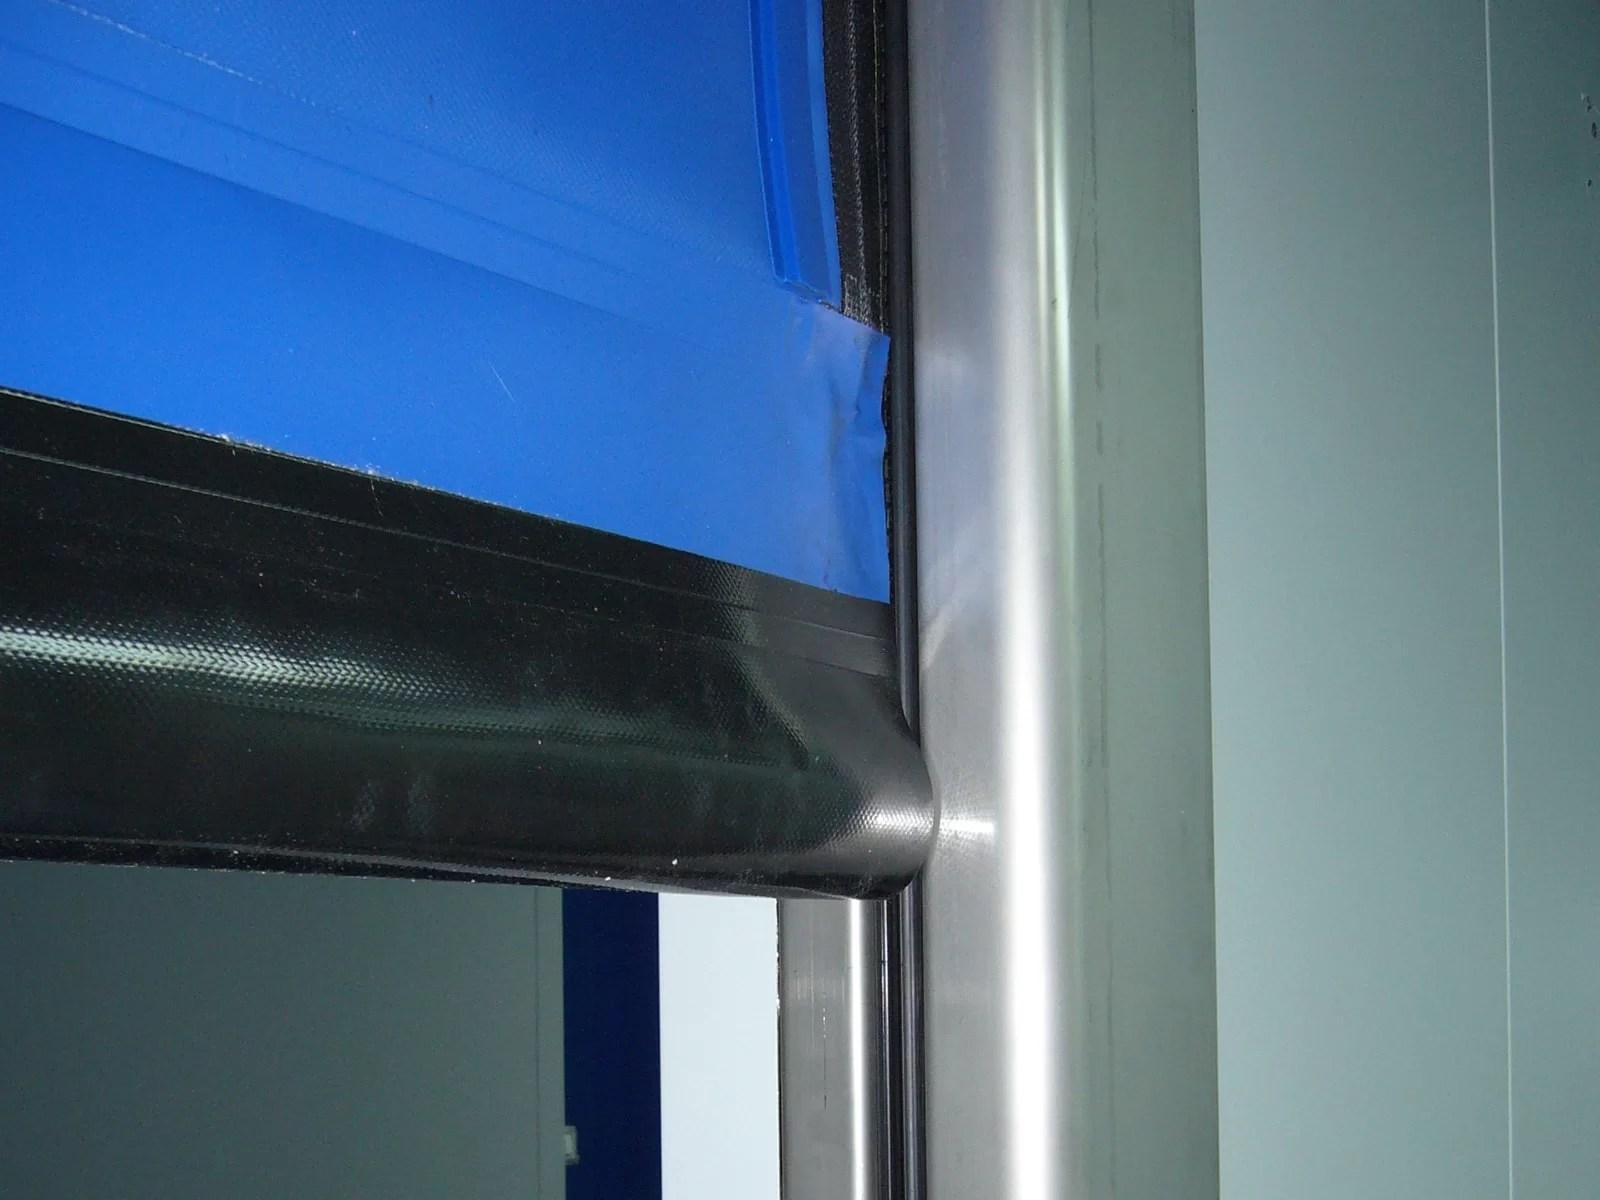 Porta rapida autoriparante ad avvolgimento LAMPO - Blu RAL 5002